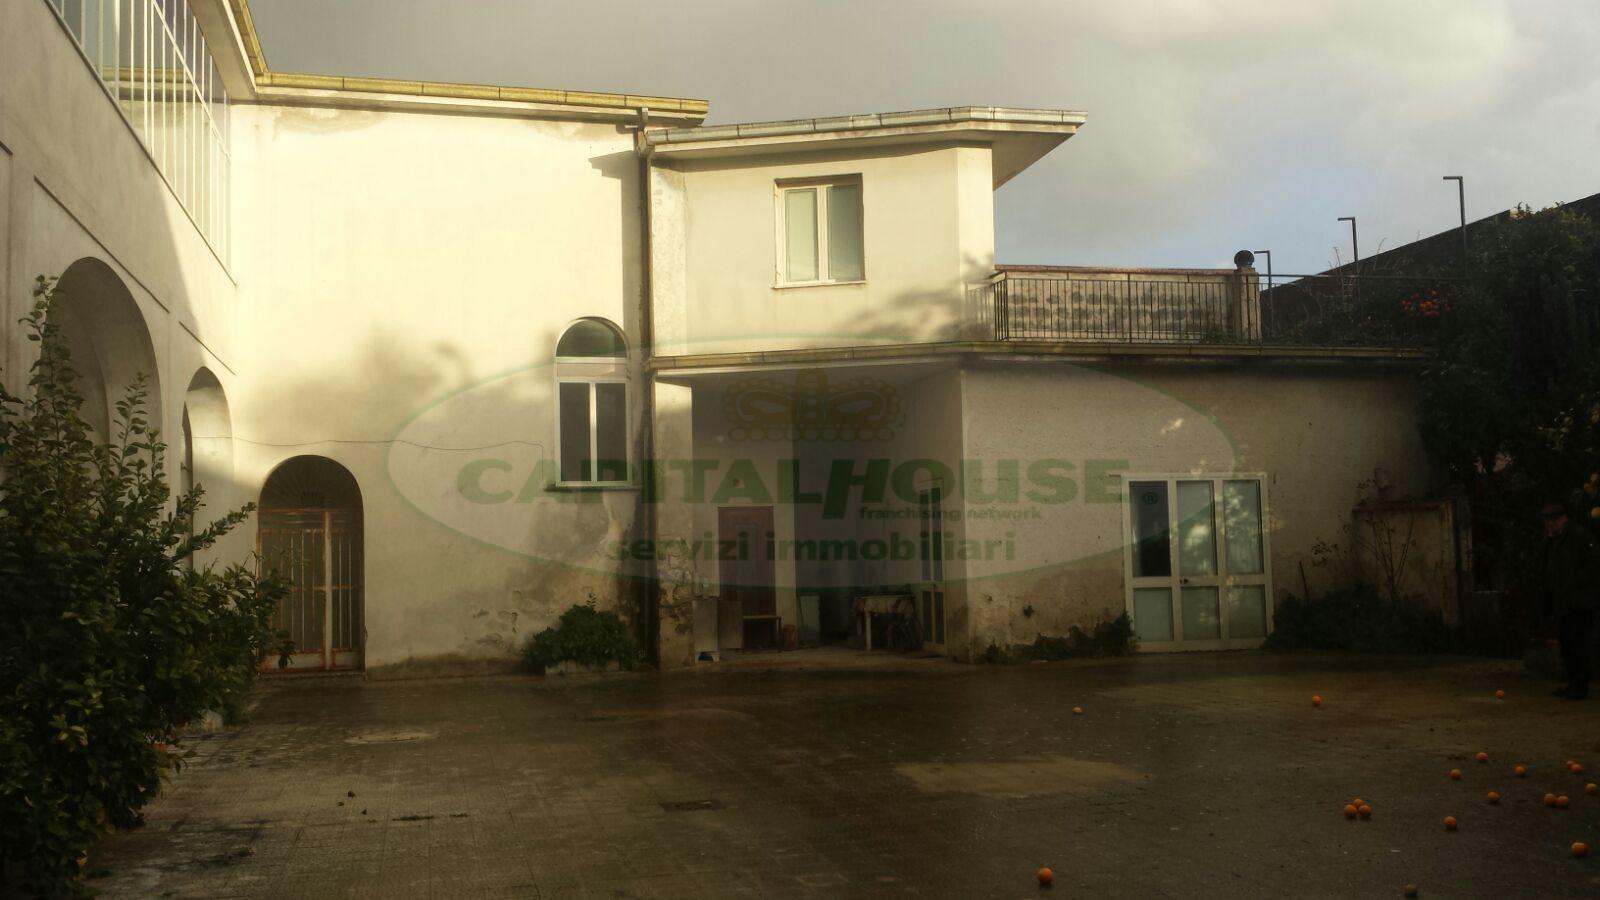 Soluzione Indipendente in vendita a Portico di Caserta, 12 locali, prezzo € 400.000 | Cambio Casa.it